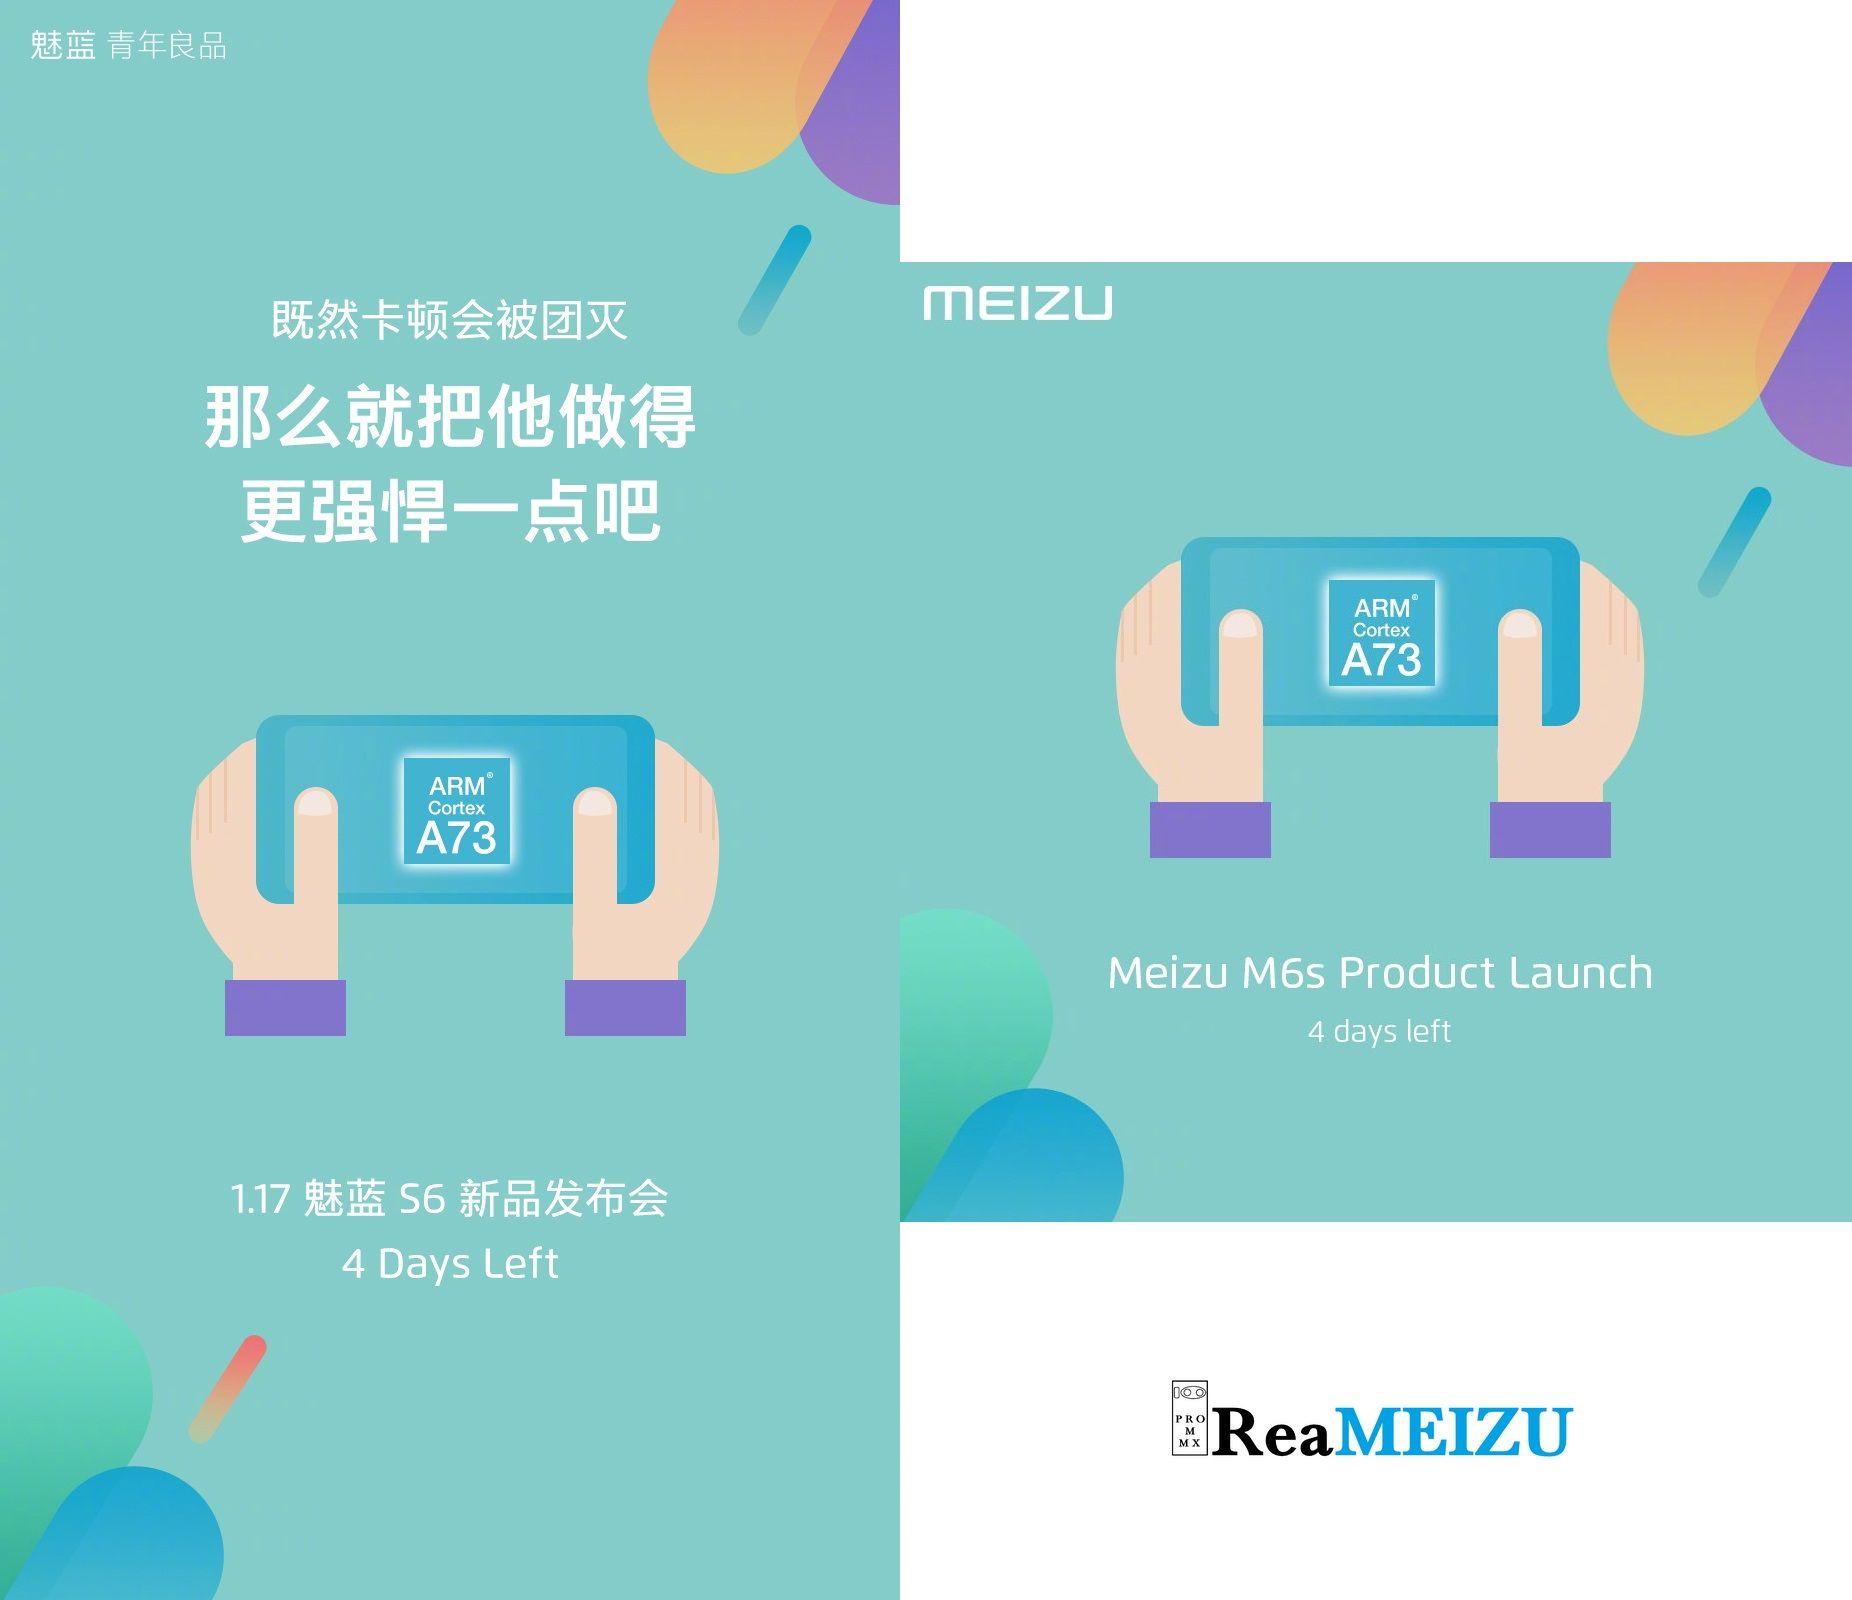 魅藍 S6(Meizu M6s)の発表4日前を告知する画像が中国と海外とも同じに。SoCにCortex-A73が搭載されていると告知